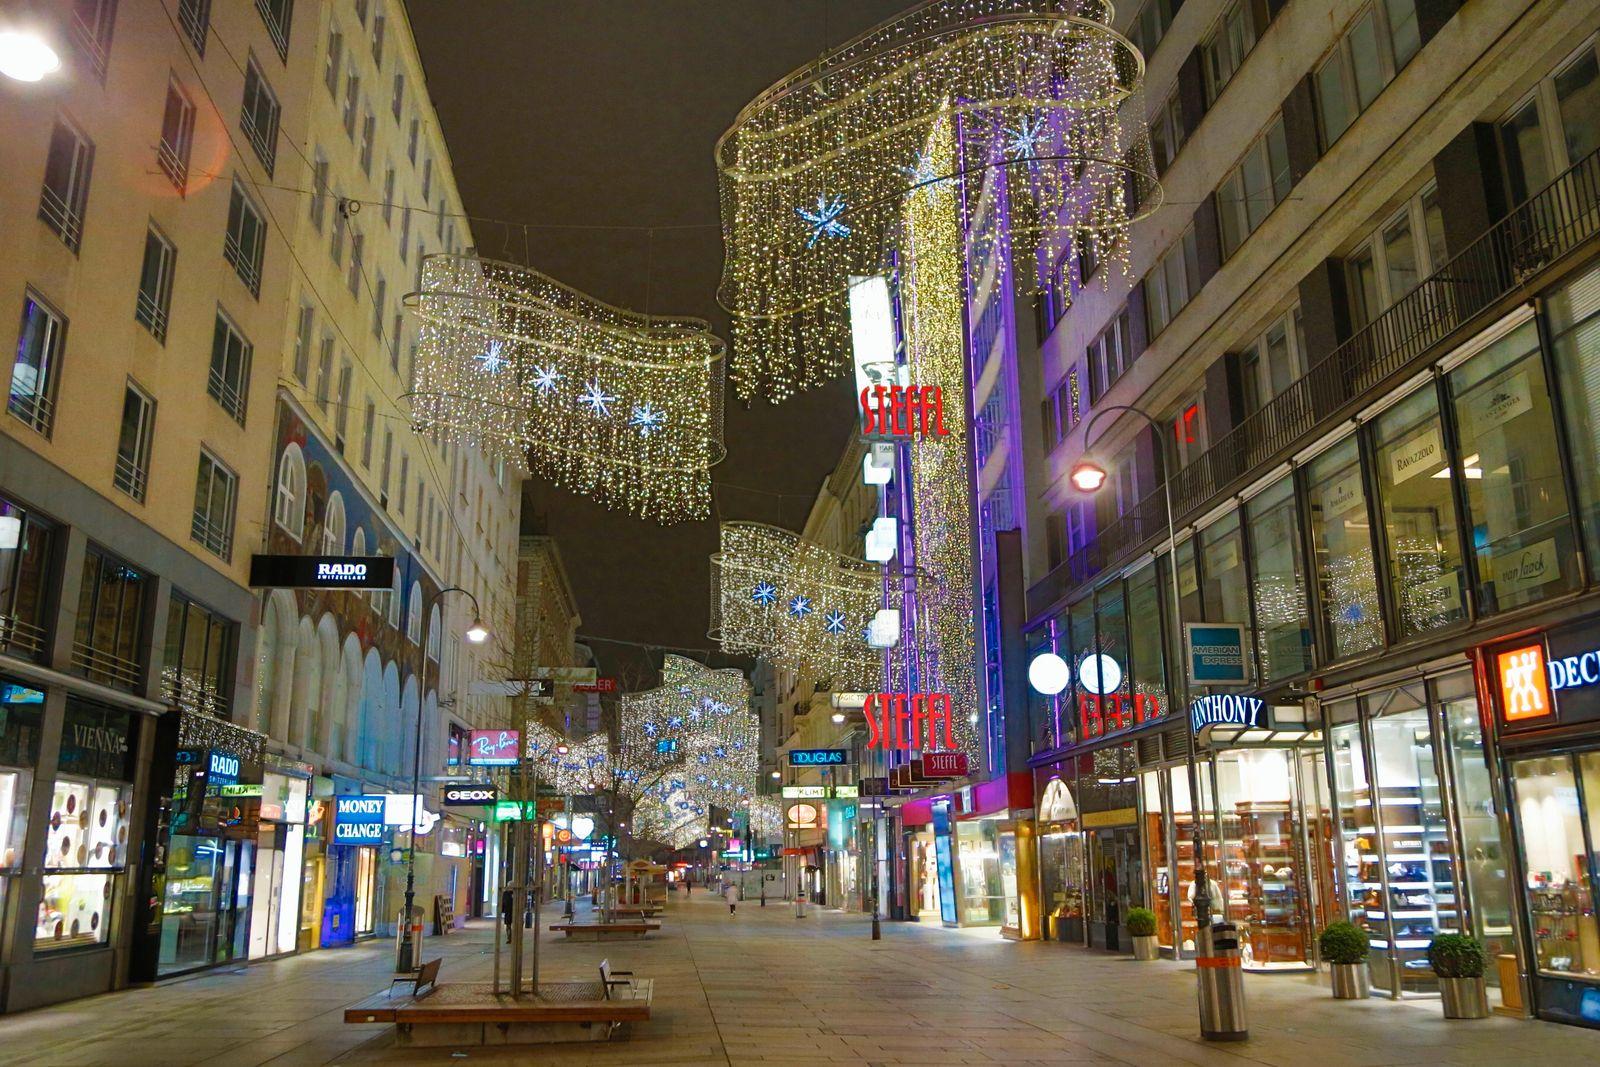 Covid 19: Wien vor dem 2 harten Lockdown Wien, 13.11.2020 Kärntner Straße Luxusshops Luxus Labels Luxusstores Weihnacht